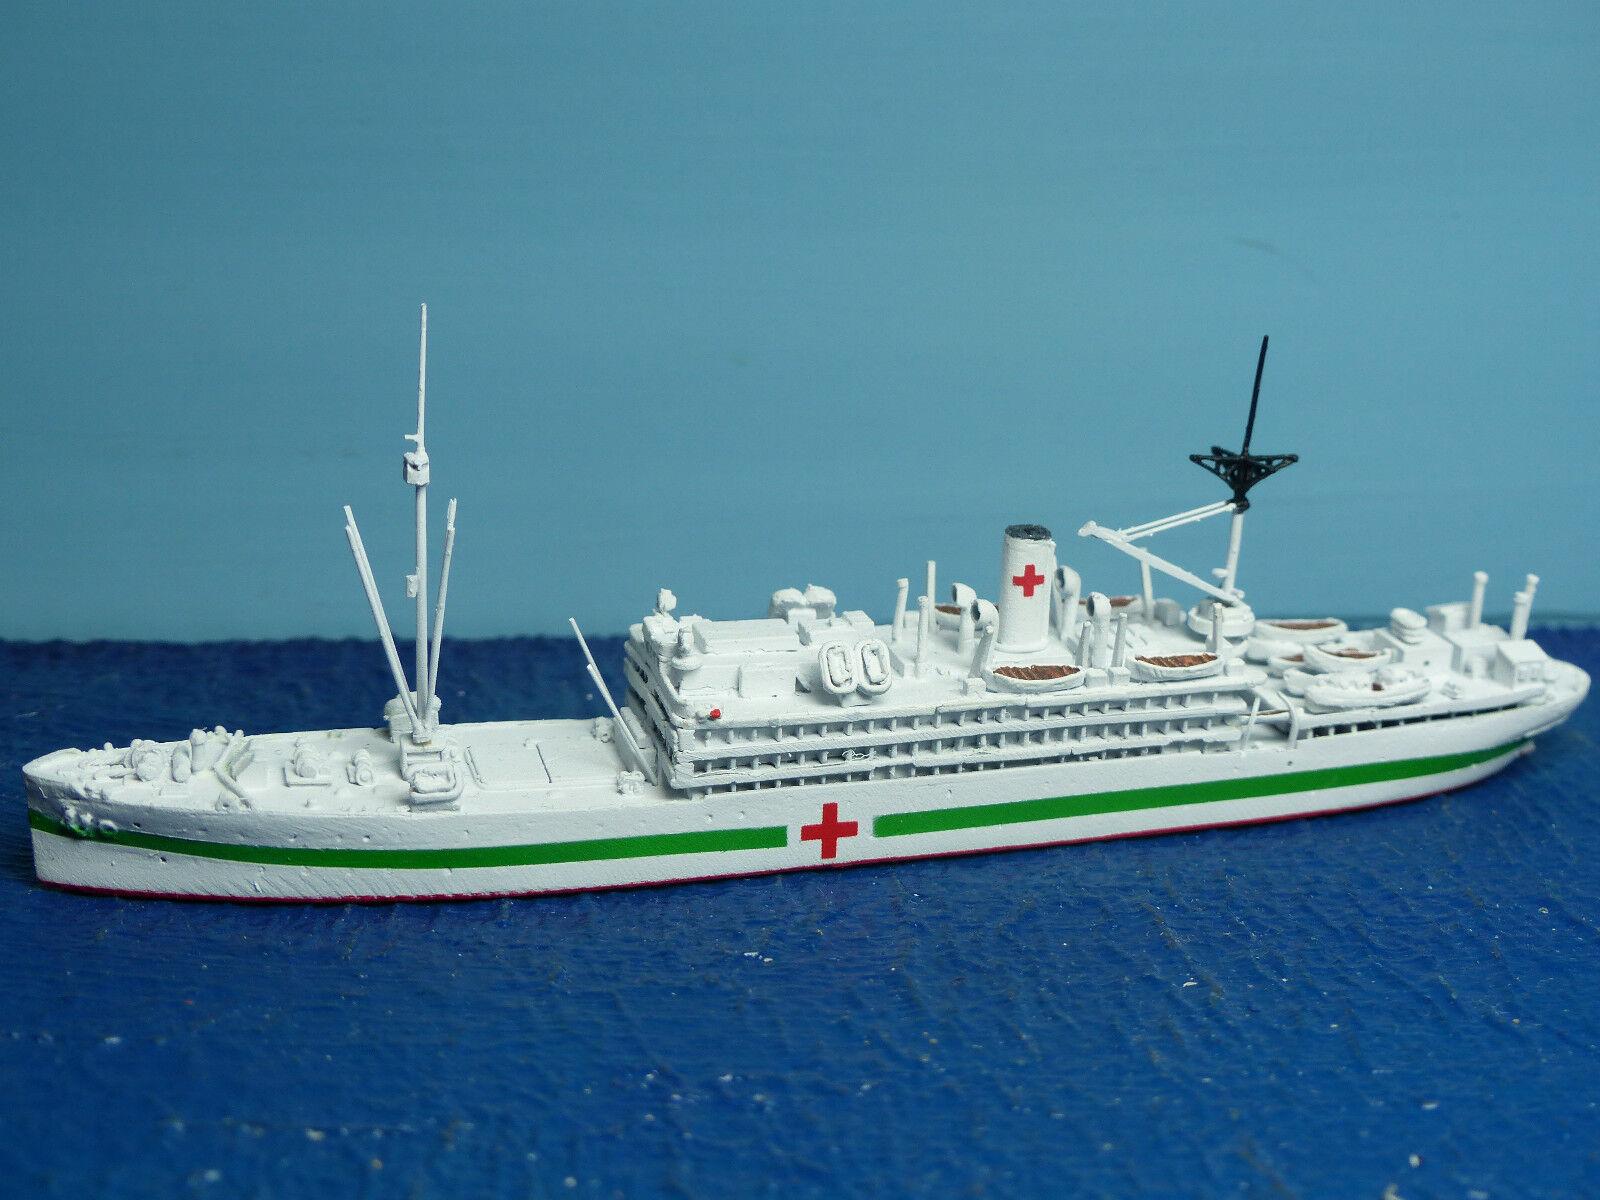 Seratoga modello nave 1 1250 USA ospedale  bountifull  SMY 56